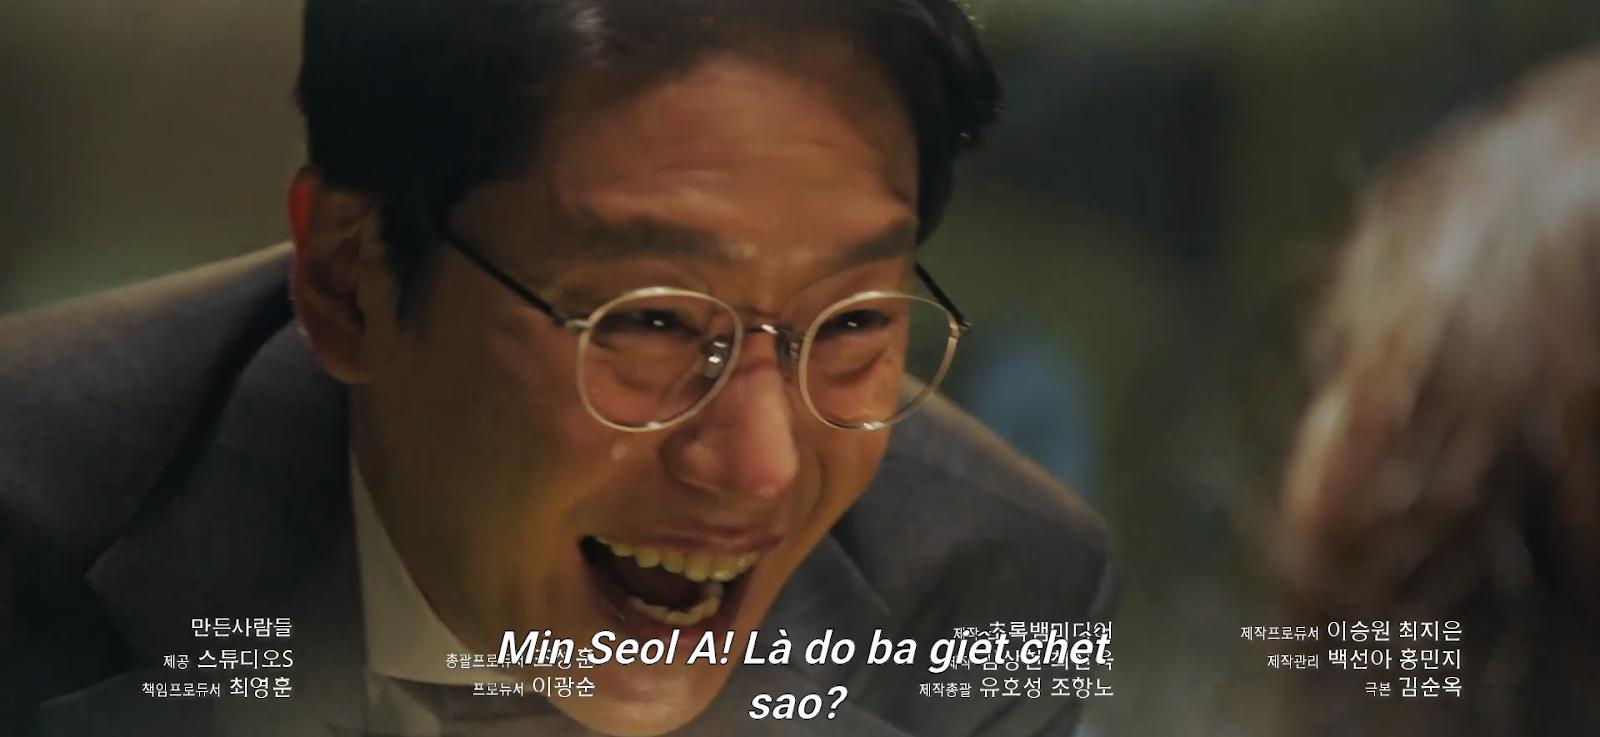 Penthouse tập 6: Ám ảnh với màn báo thù liên hoàn của bà đại Lee Ji Ah, người chết như ngả rạ rồi! - Ảnh 16.